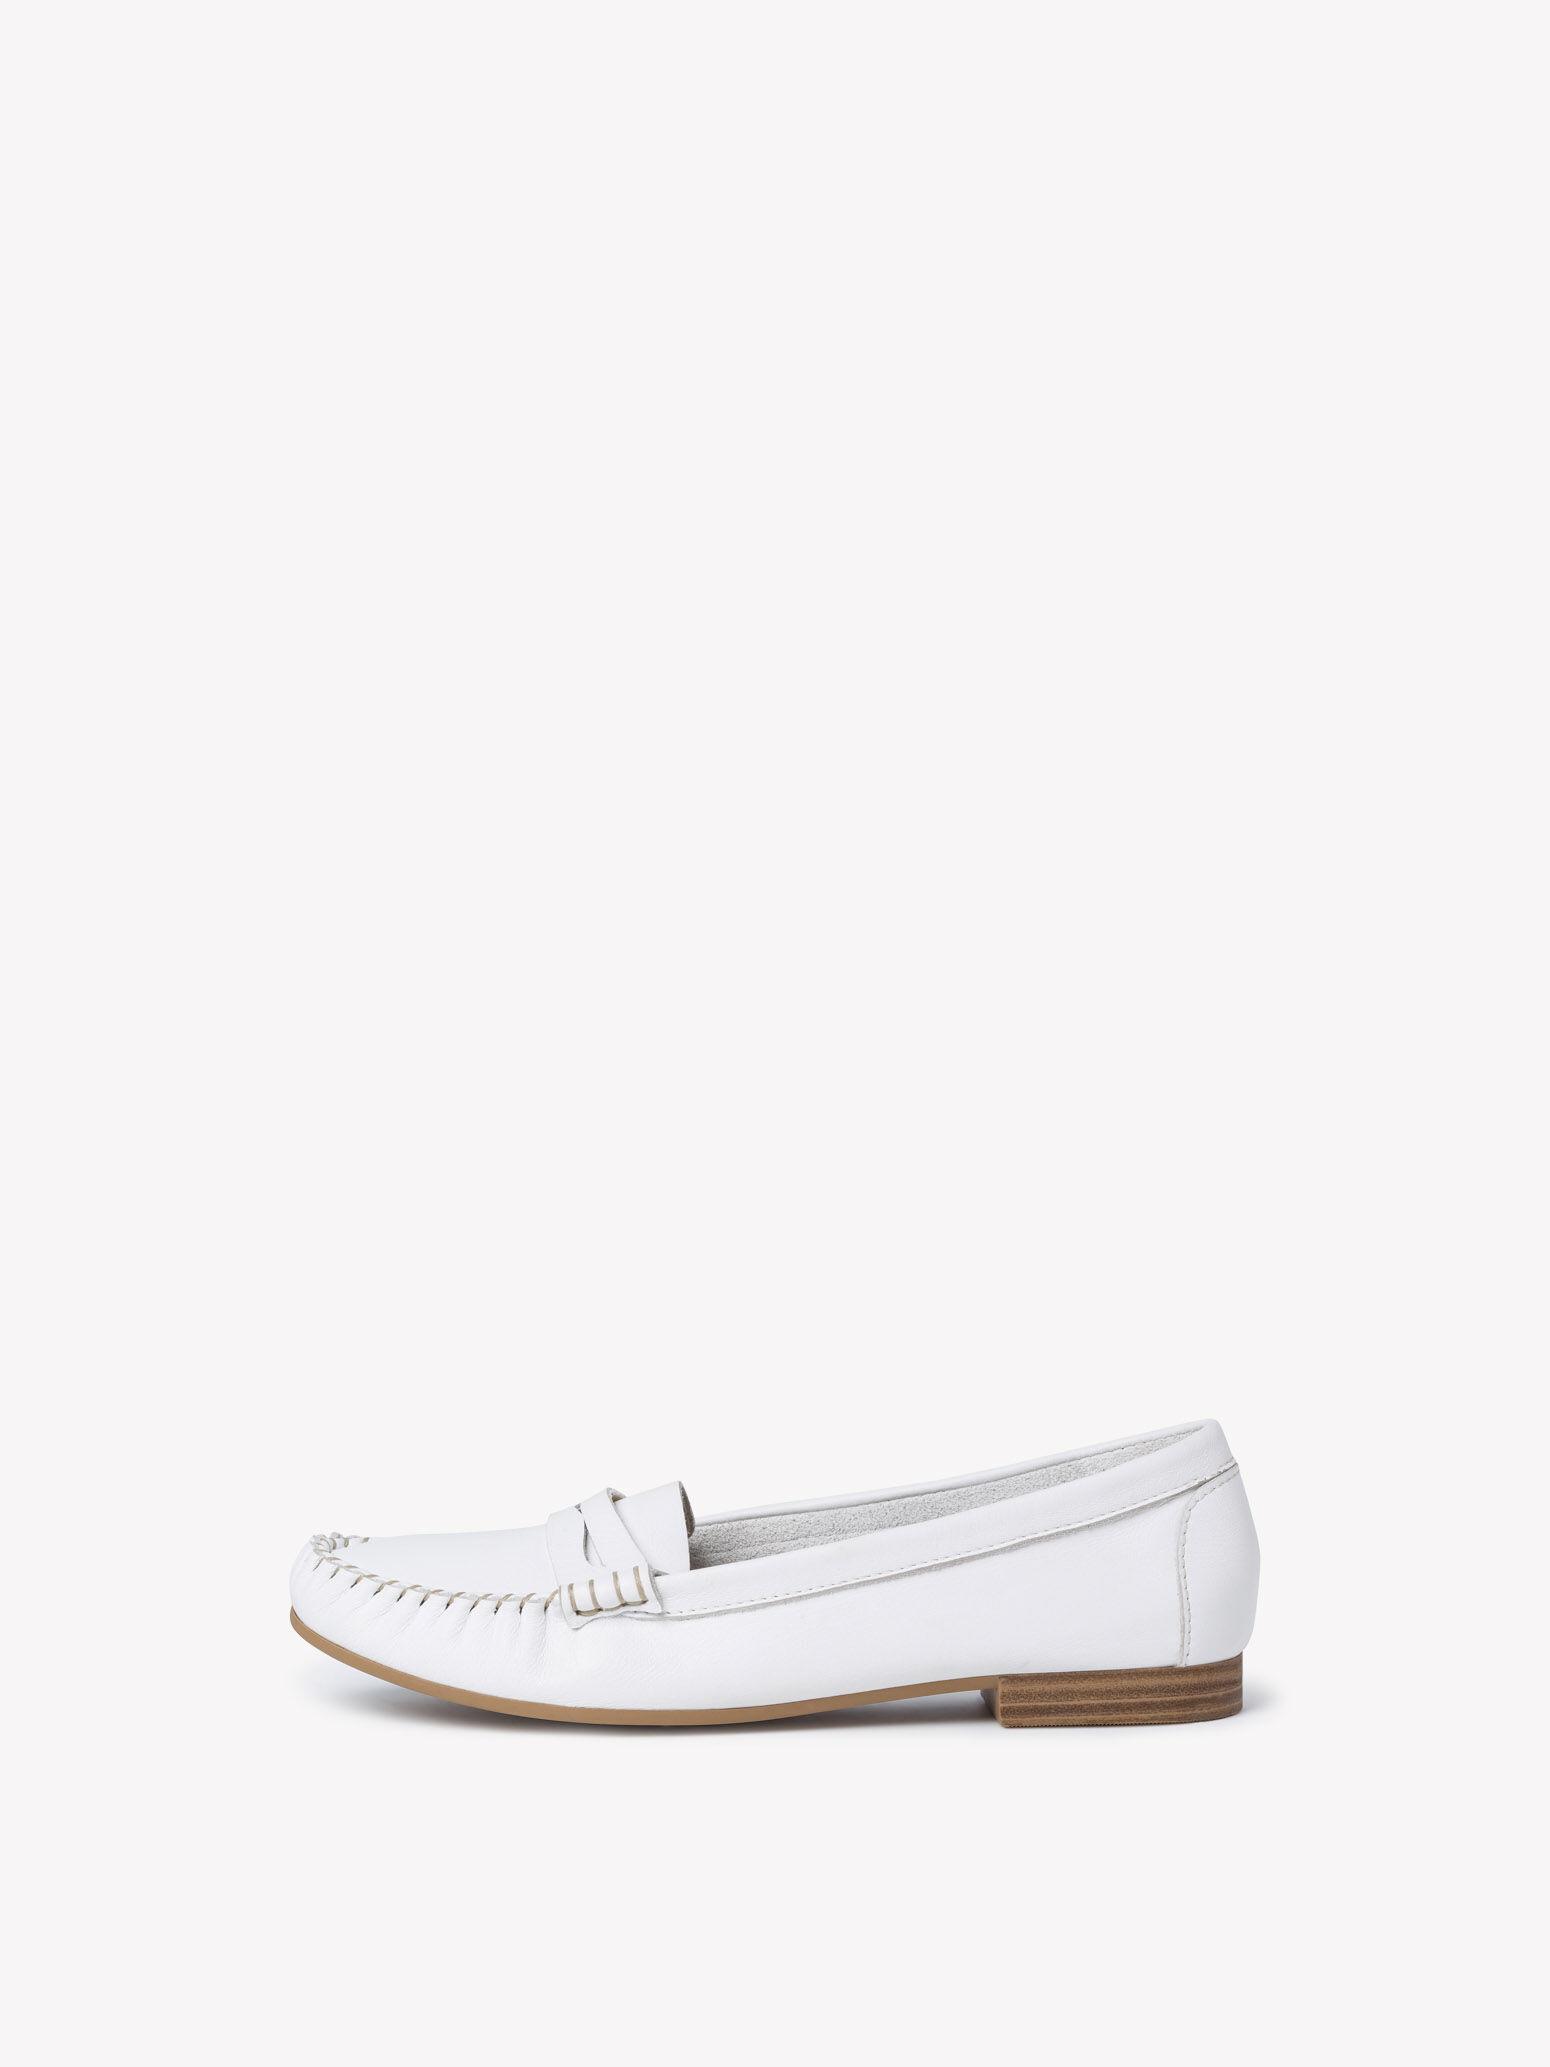 Boat shoe 1-1-24213-24: Buy Tamaris